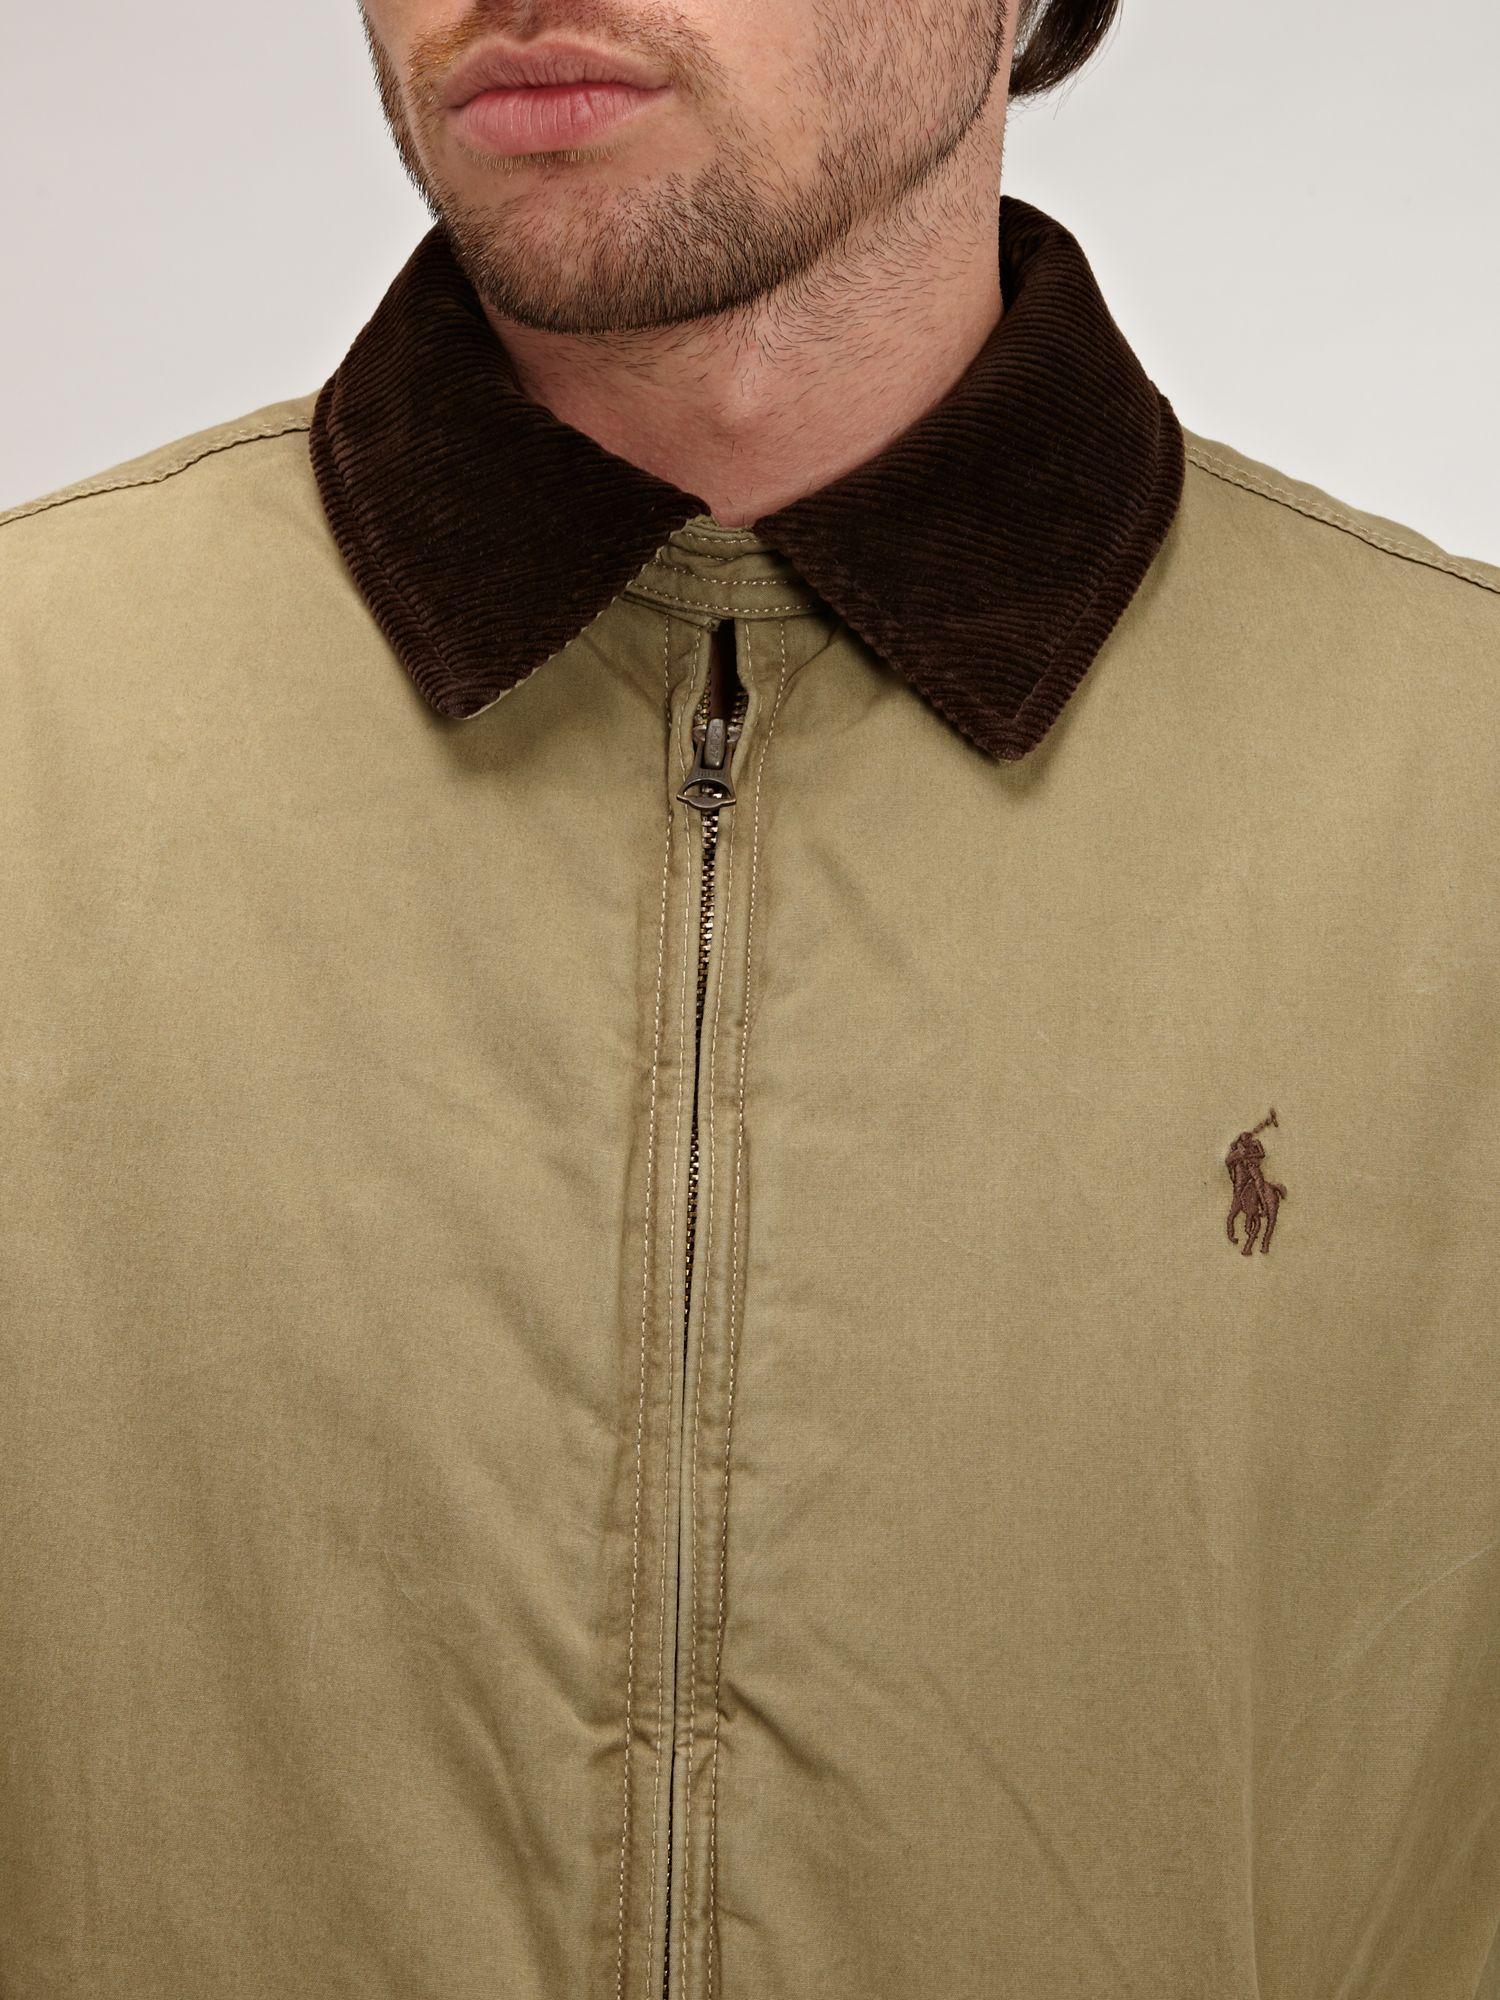 Lauren Jacket Ralph Shelburne Lauren Jacket Lauren Jacket Ralph Ralph Ralph Shelburne Shelburne 8nwOk0P